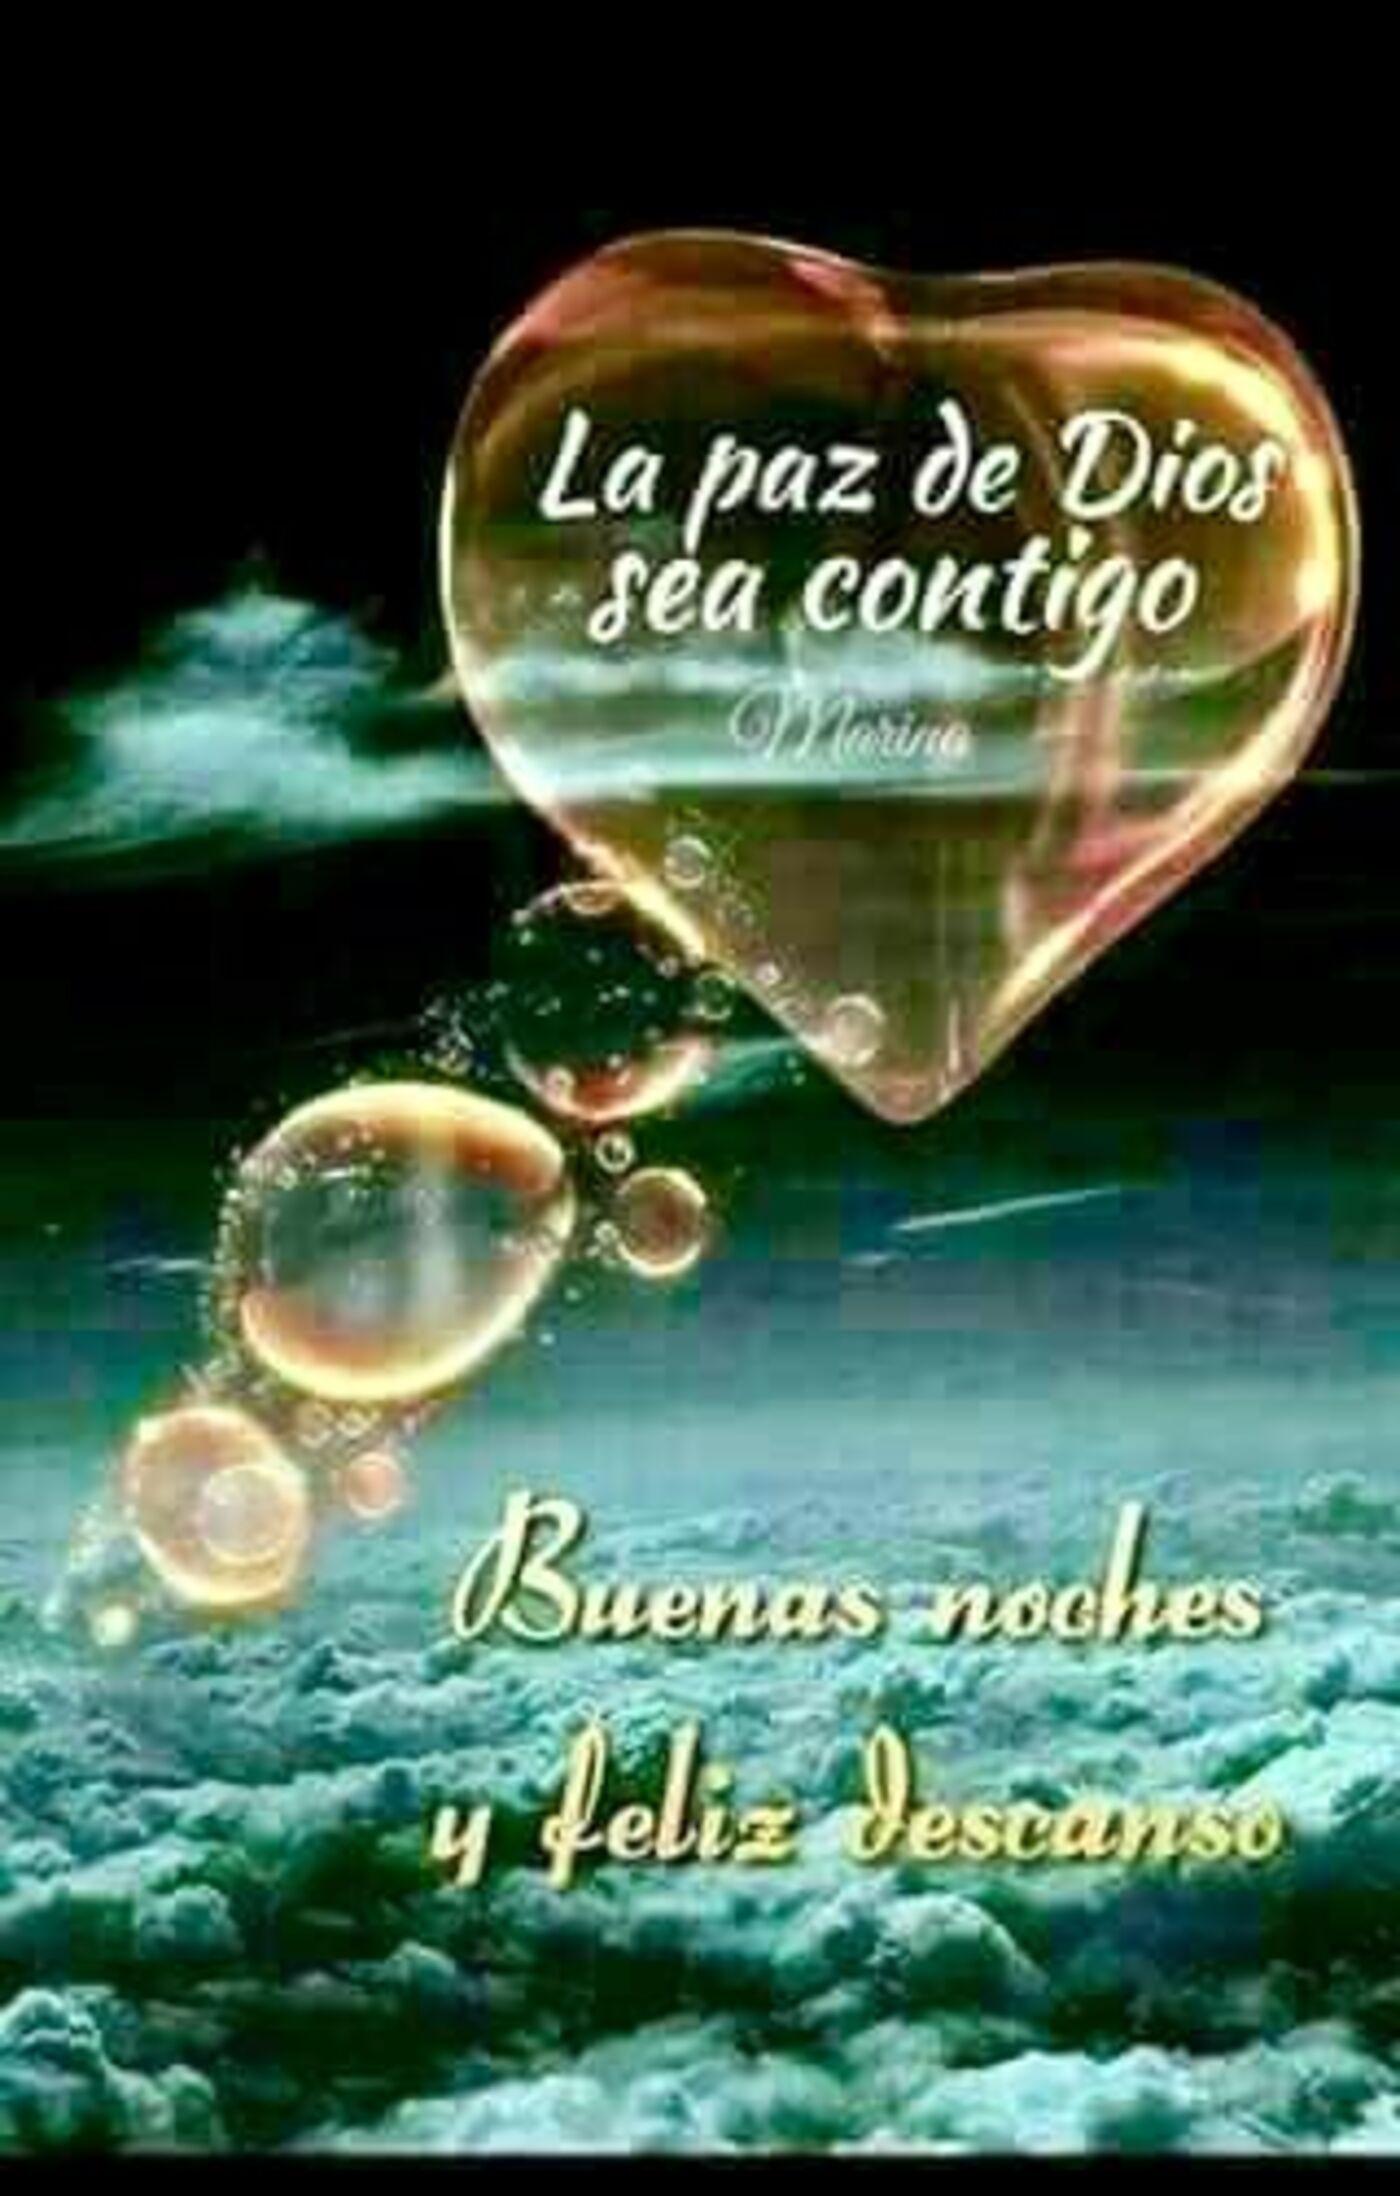 La paz de Dios sea contigo. Buenas Noches y feliz descanso